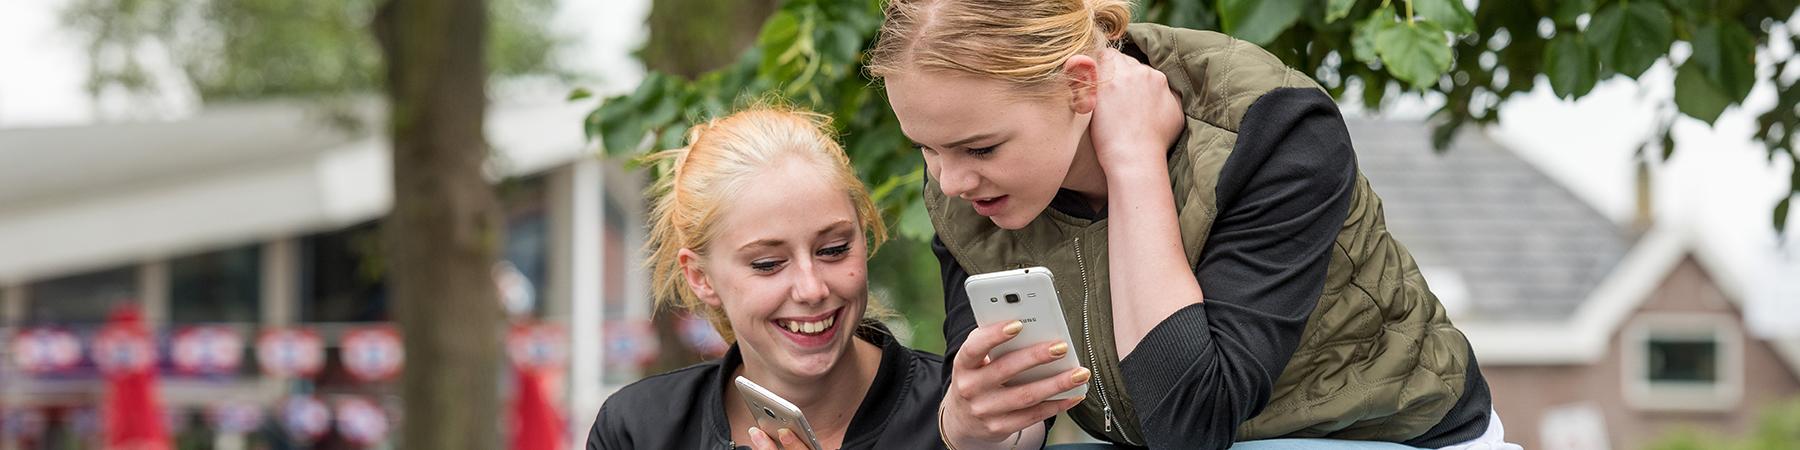 MEE sliderafbeelding - twee jonge vrouwen